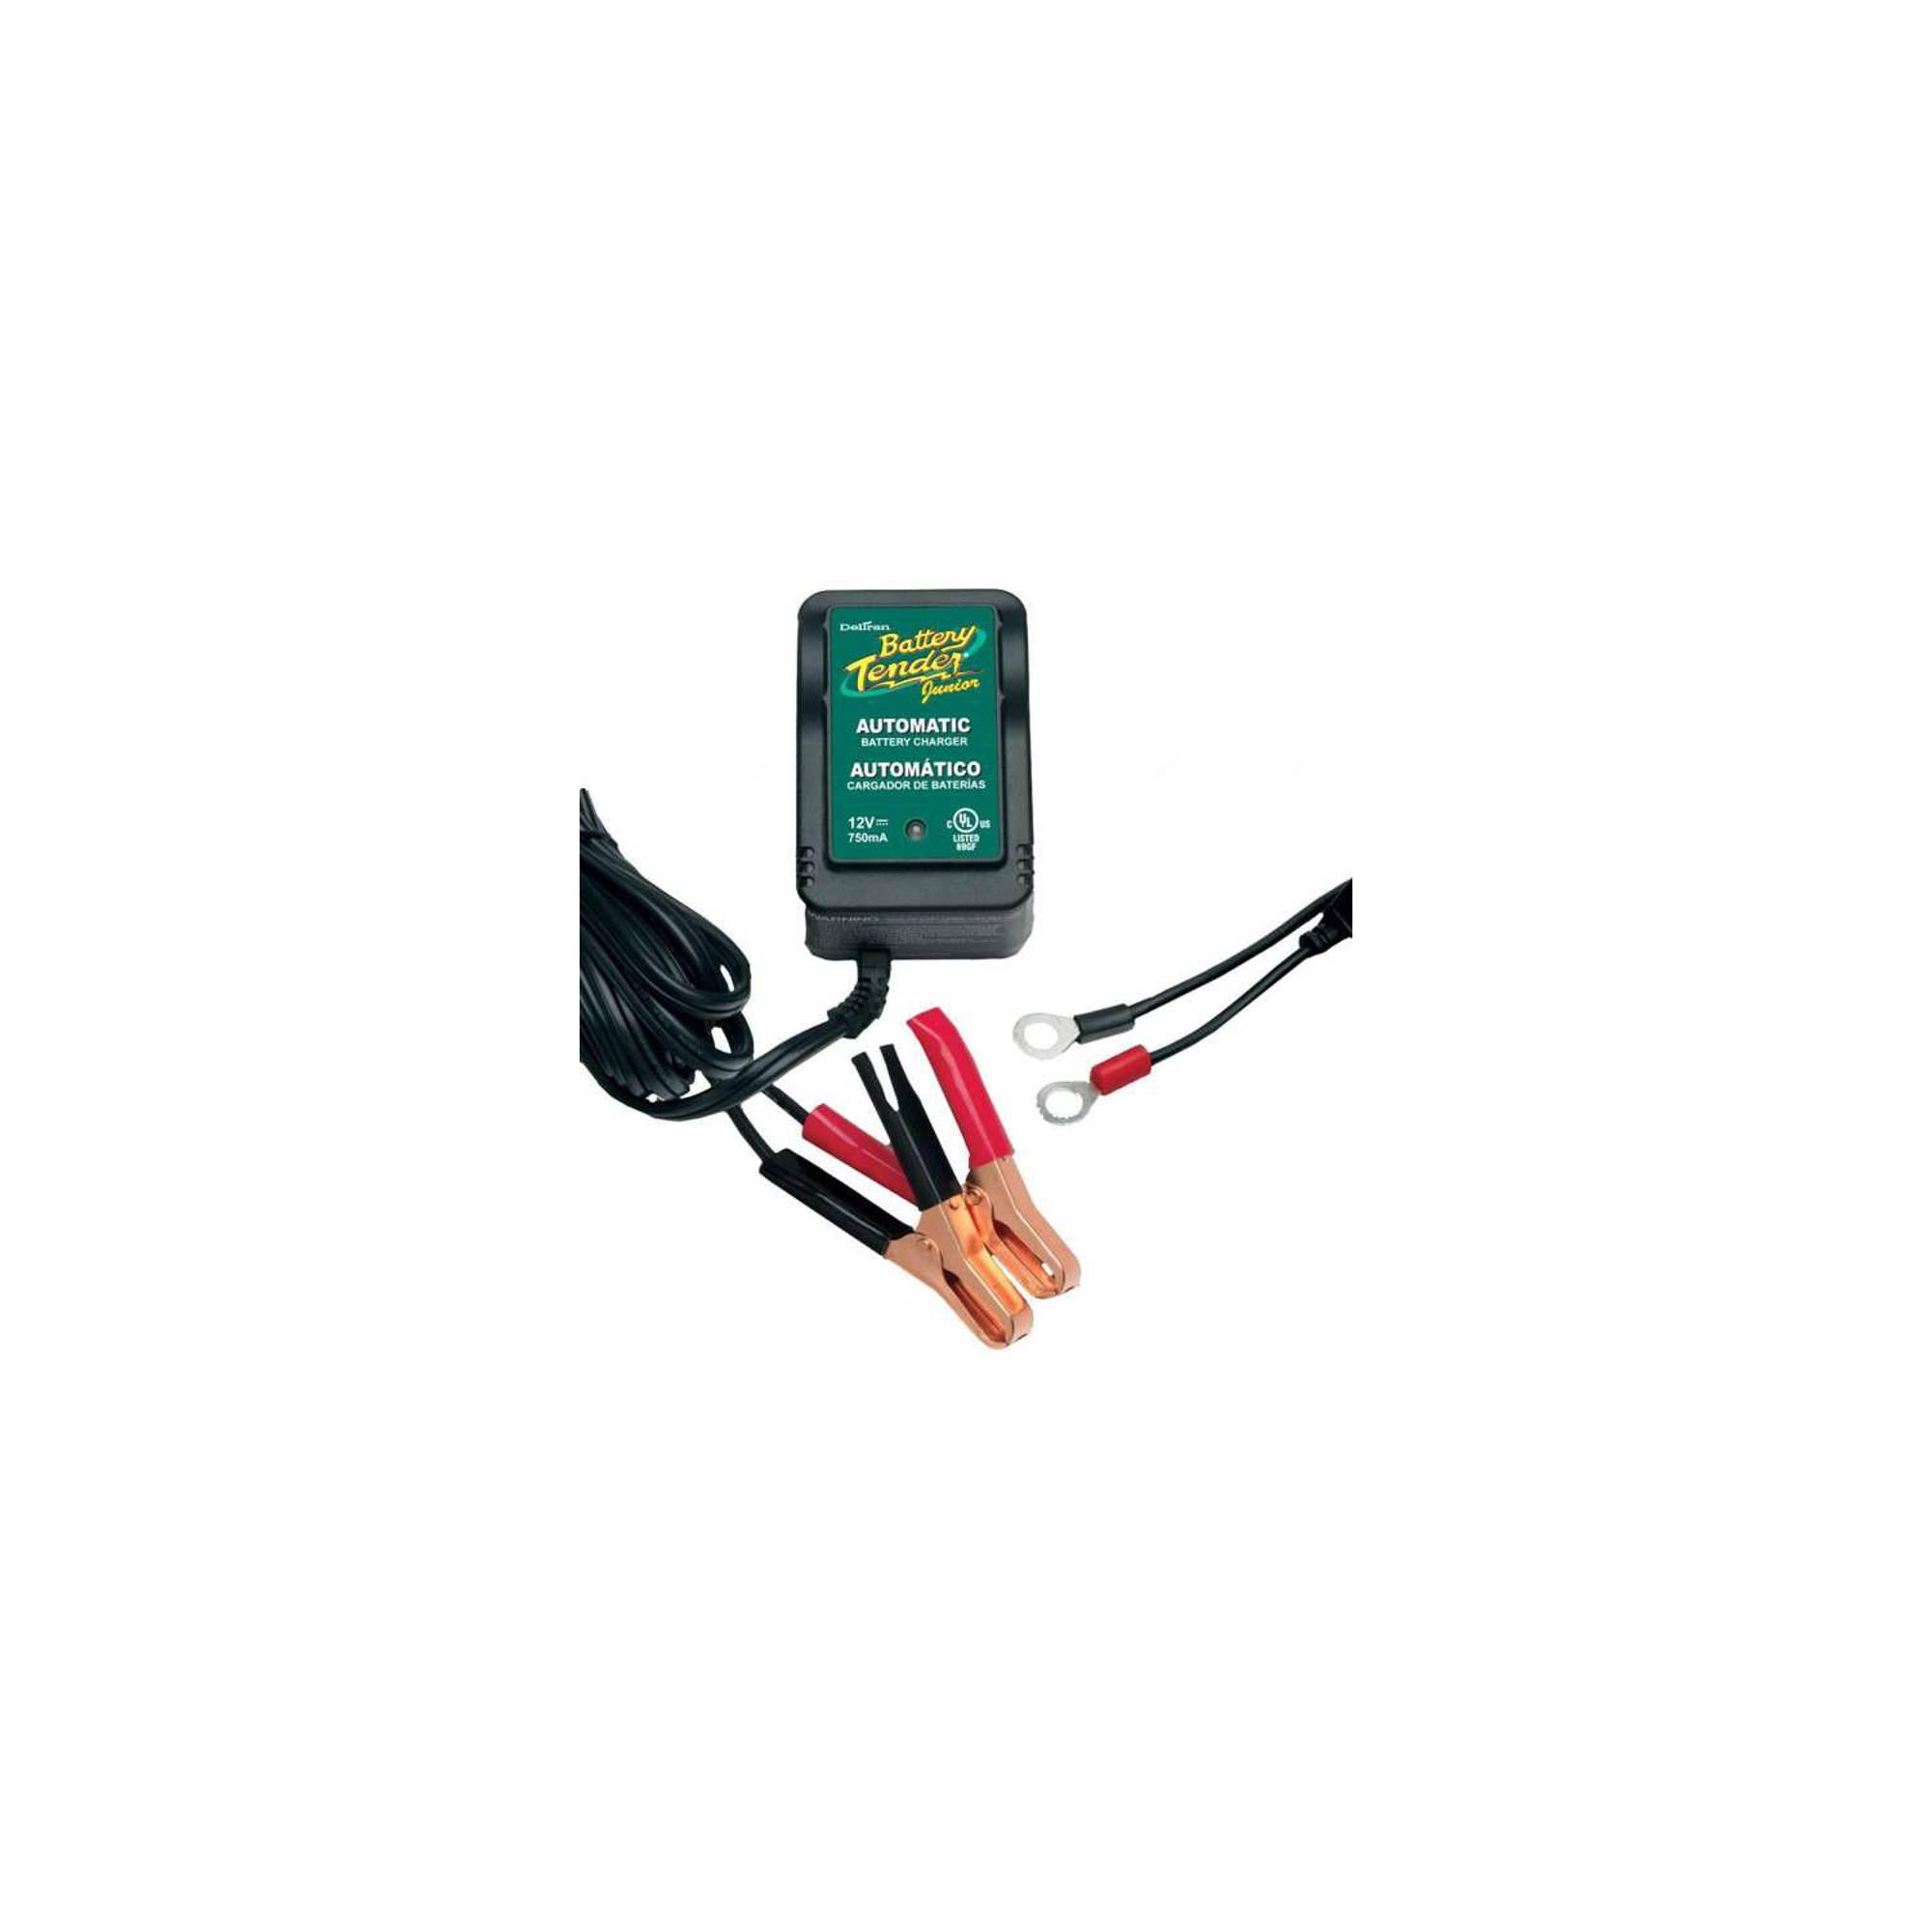 Eckler S Premier Products 33 Battery Tender Junior